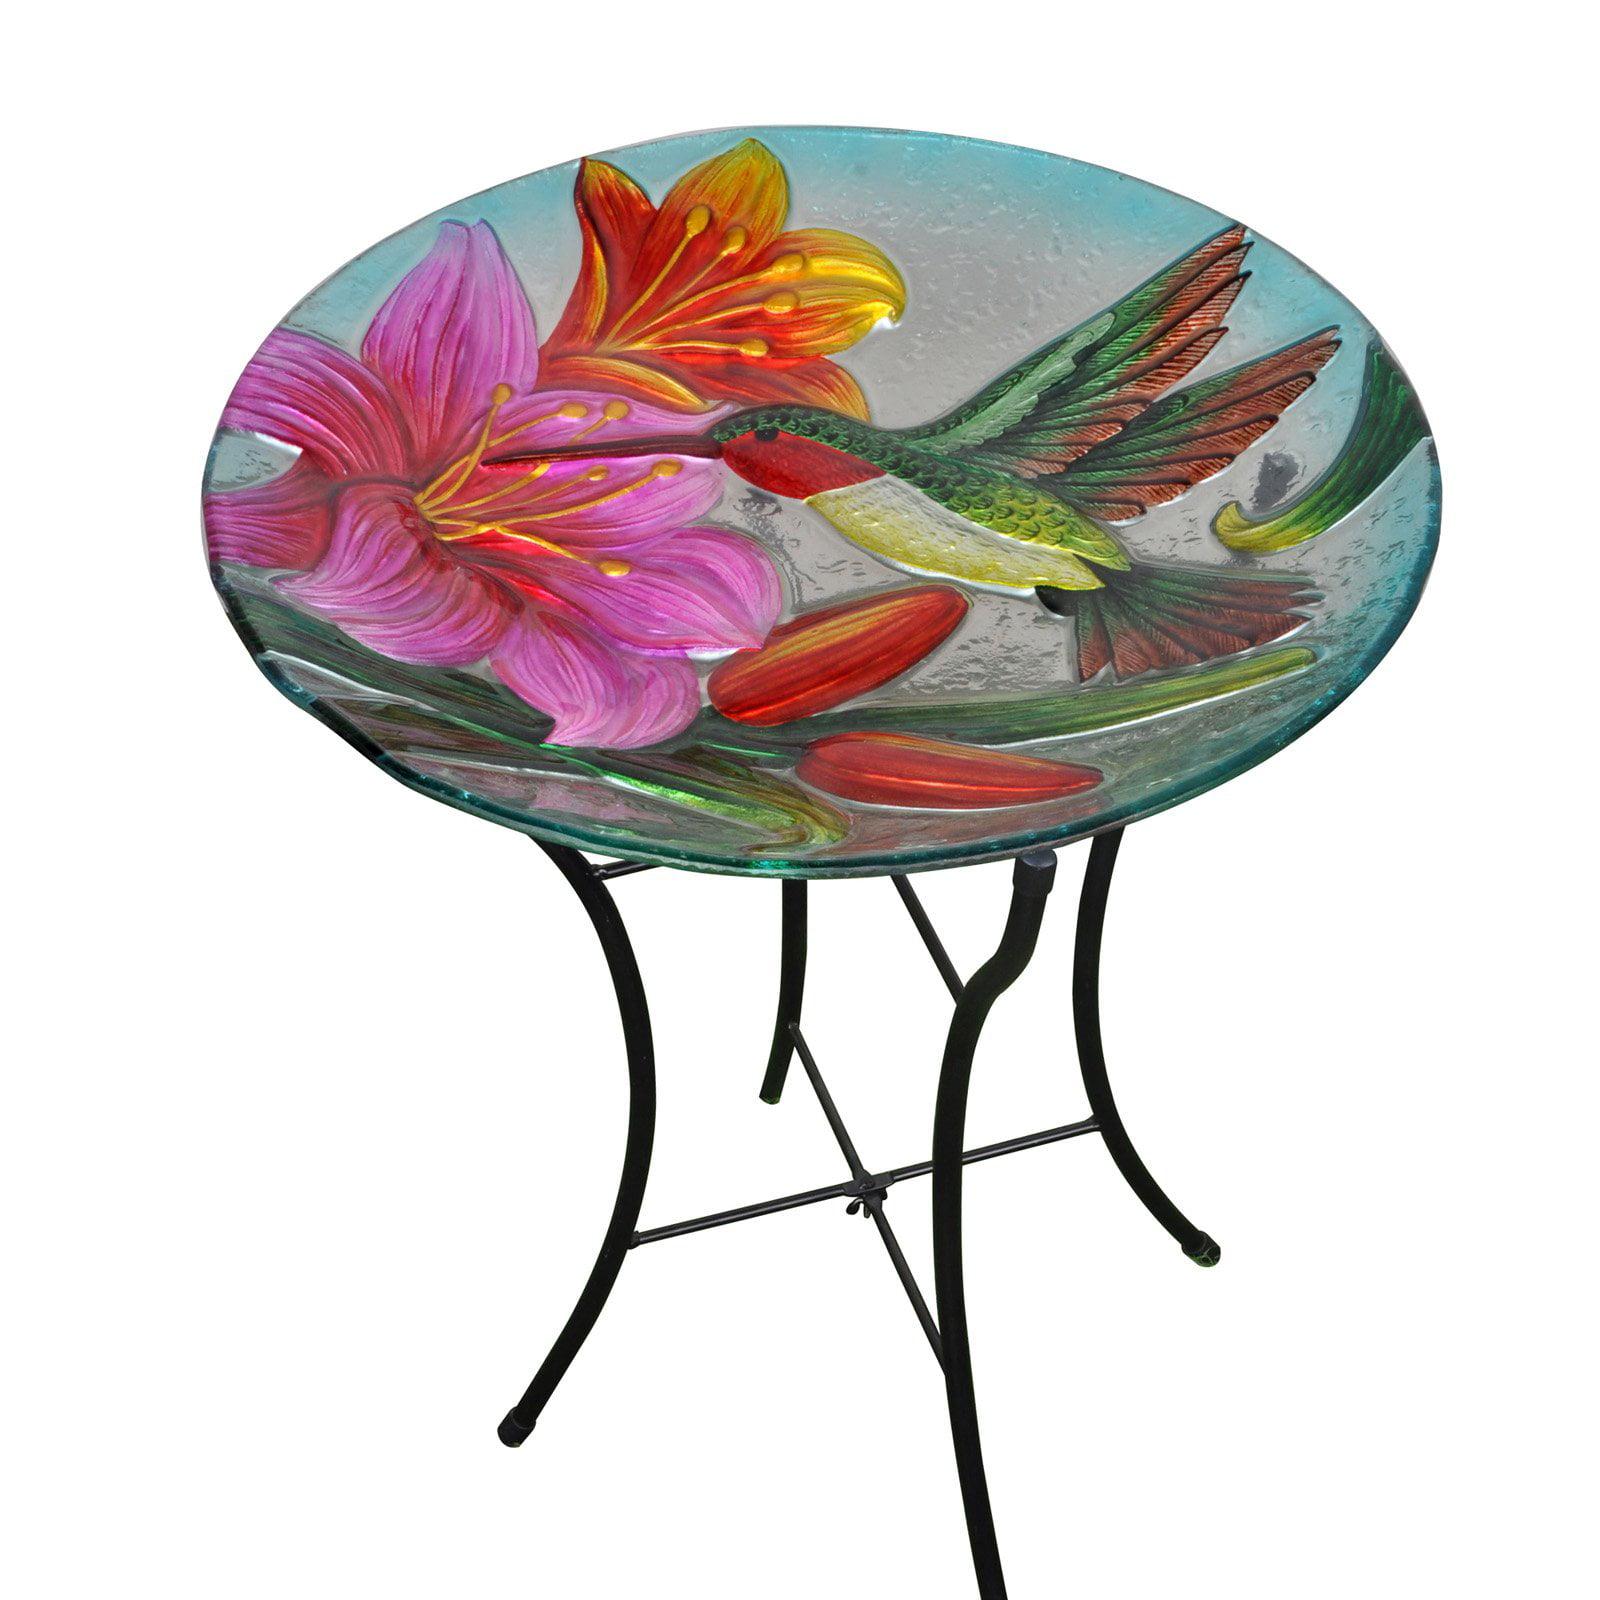 Peaktop Outdoor 18-Inch Hummingbird Fusion Glass Birdbath by Teamson Design Corp.